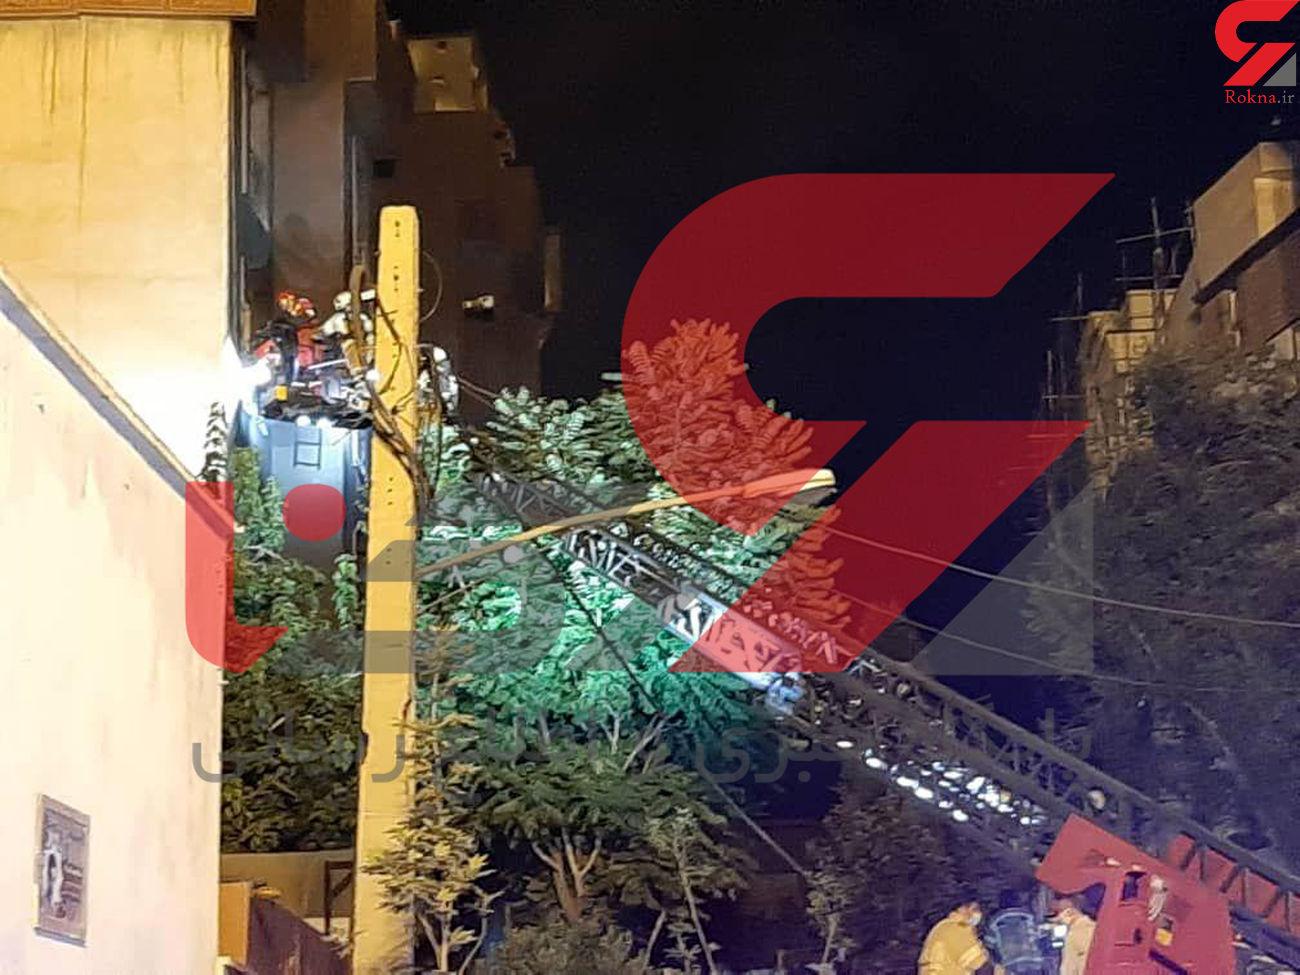 ماموریت پزشکی قانونی تهران در پرونده انفجار تجریش + فیلم